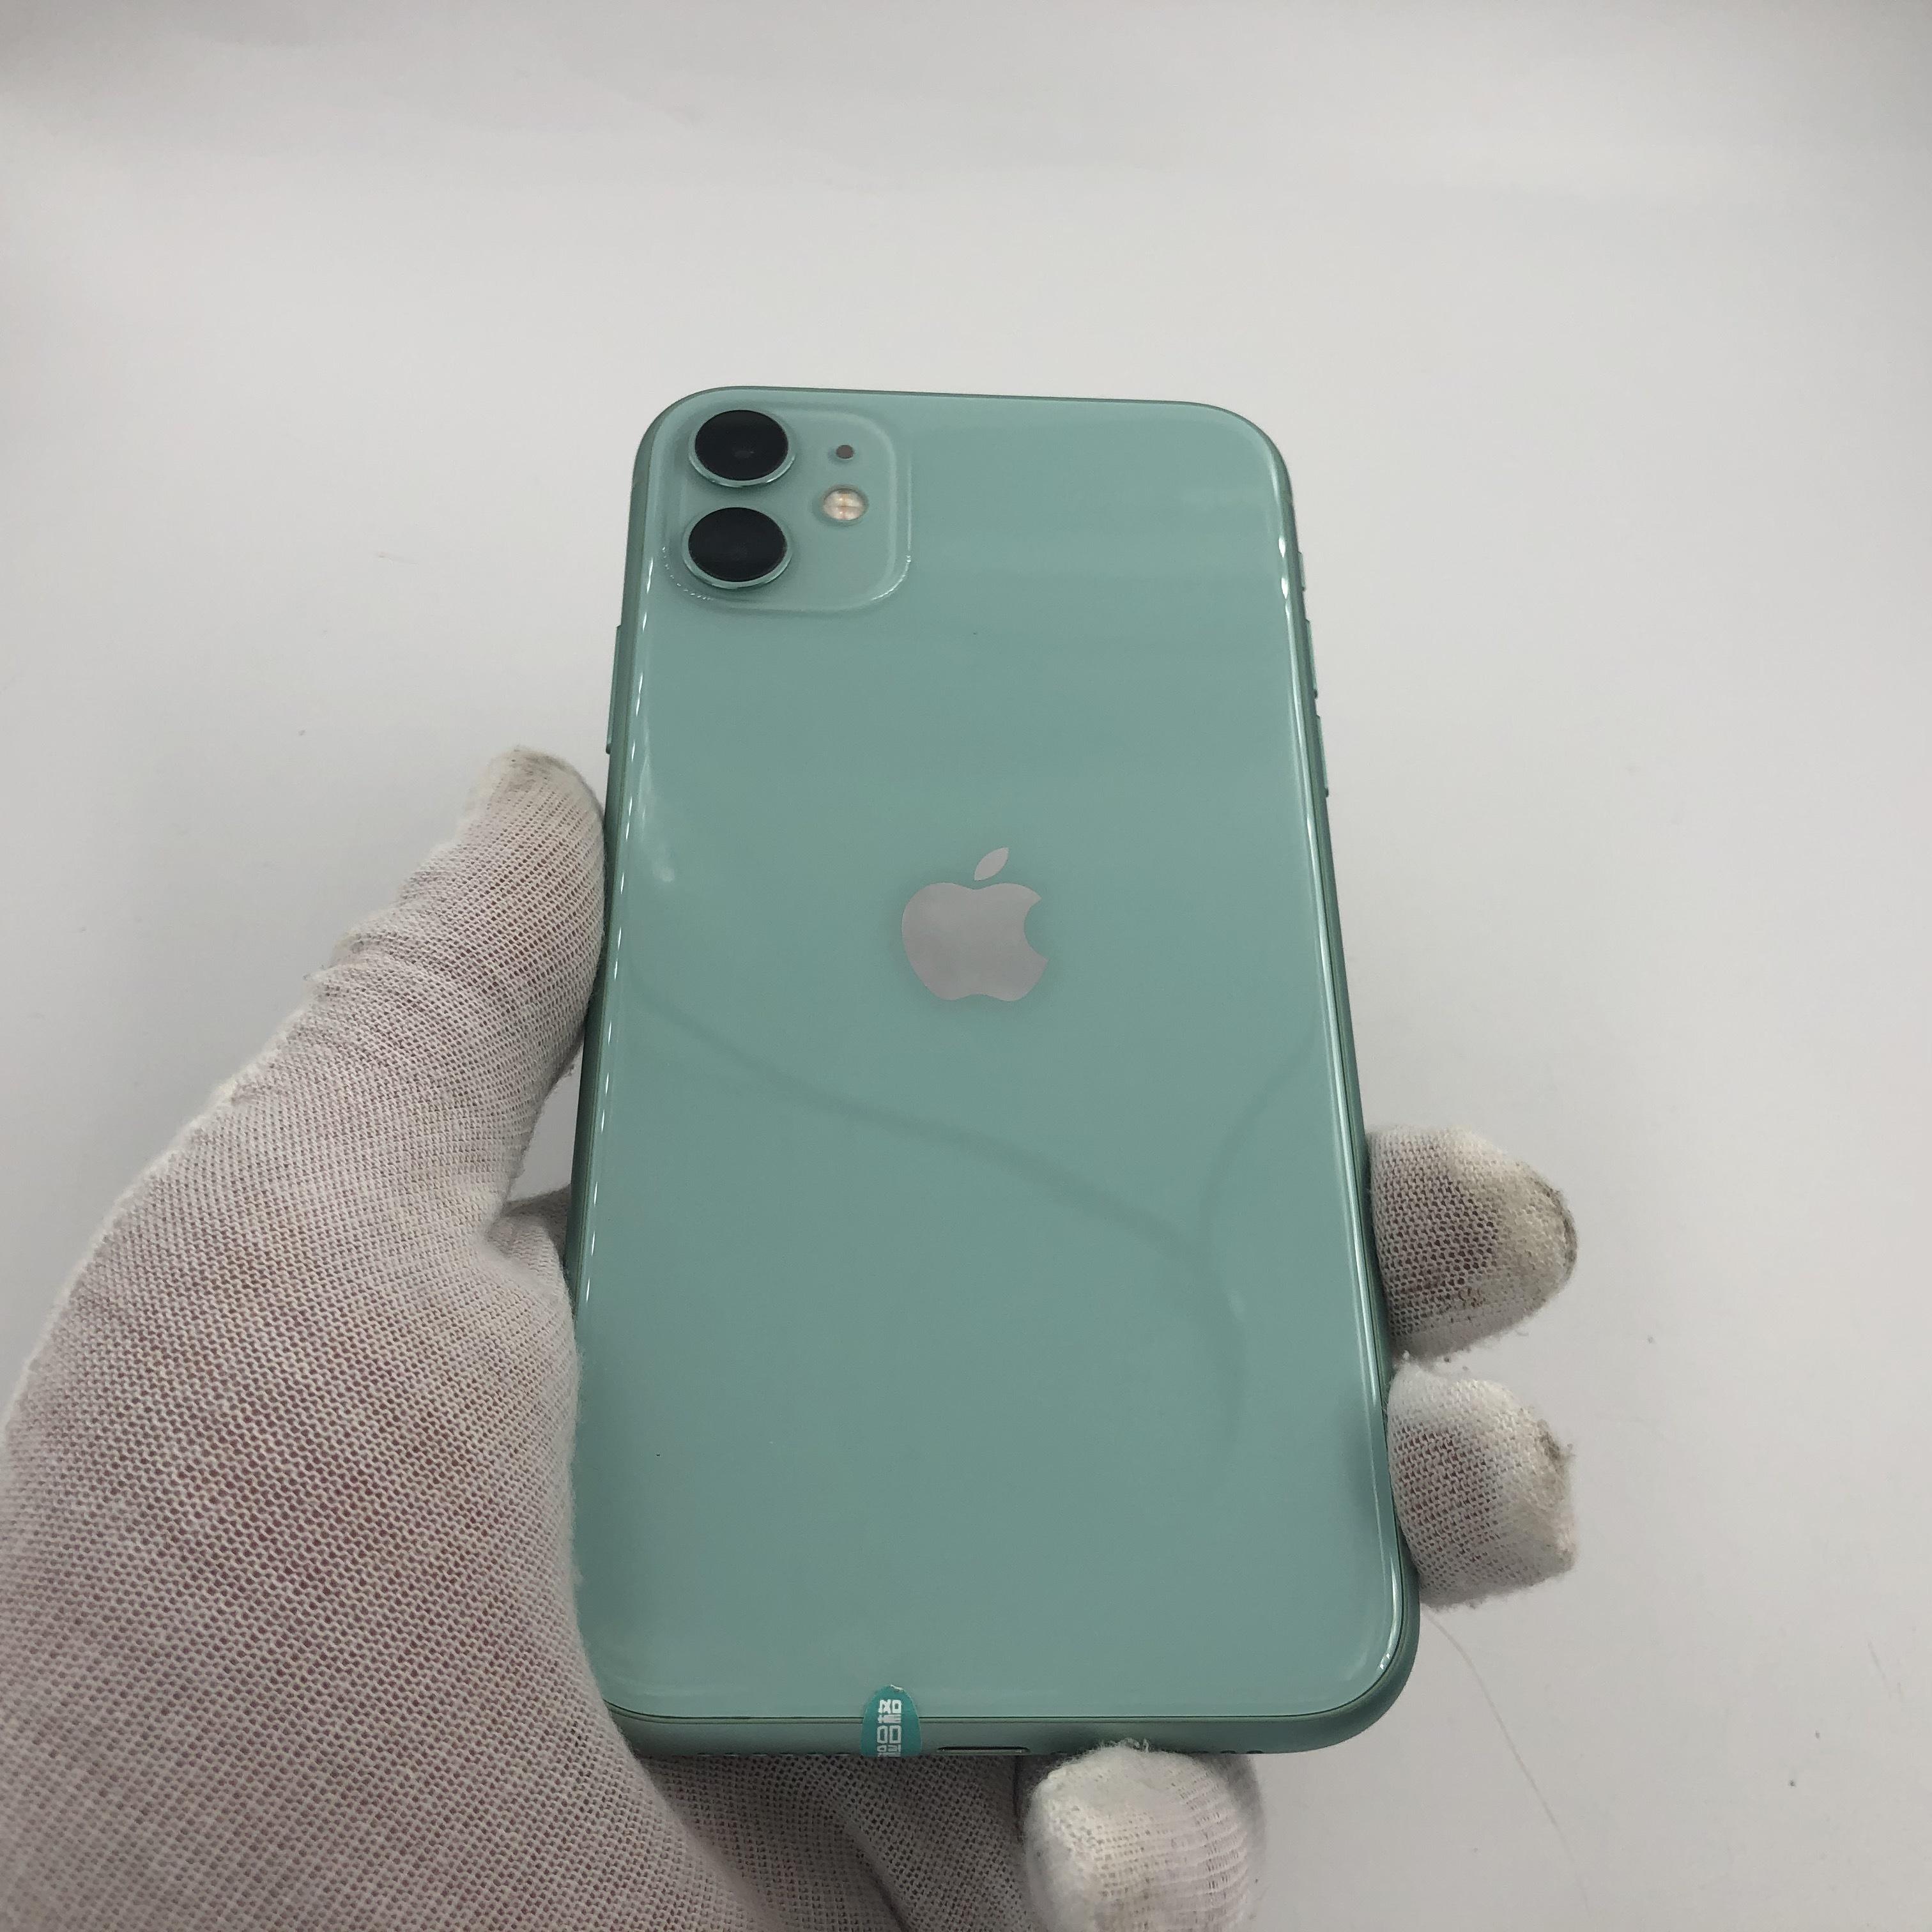 苹果【iPhone 11】全网通 绿色 128G 国行 8成新